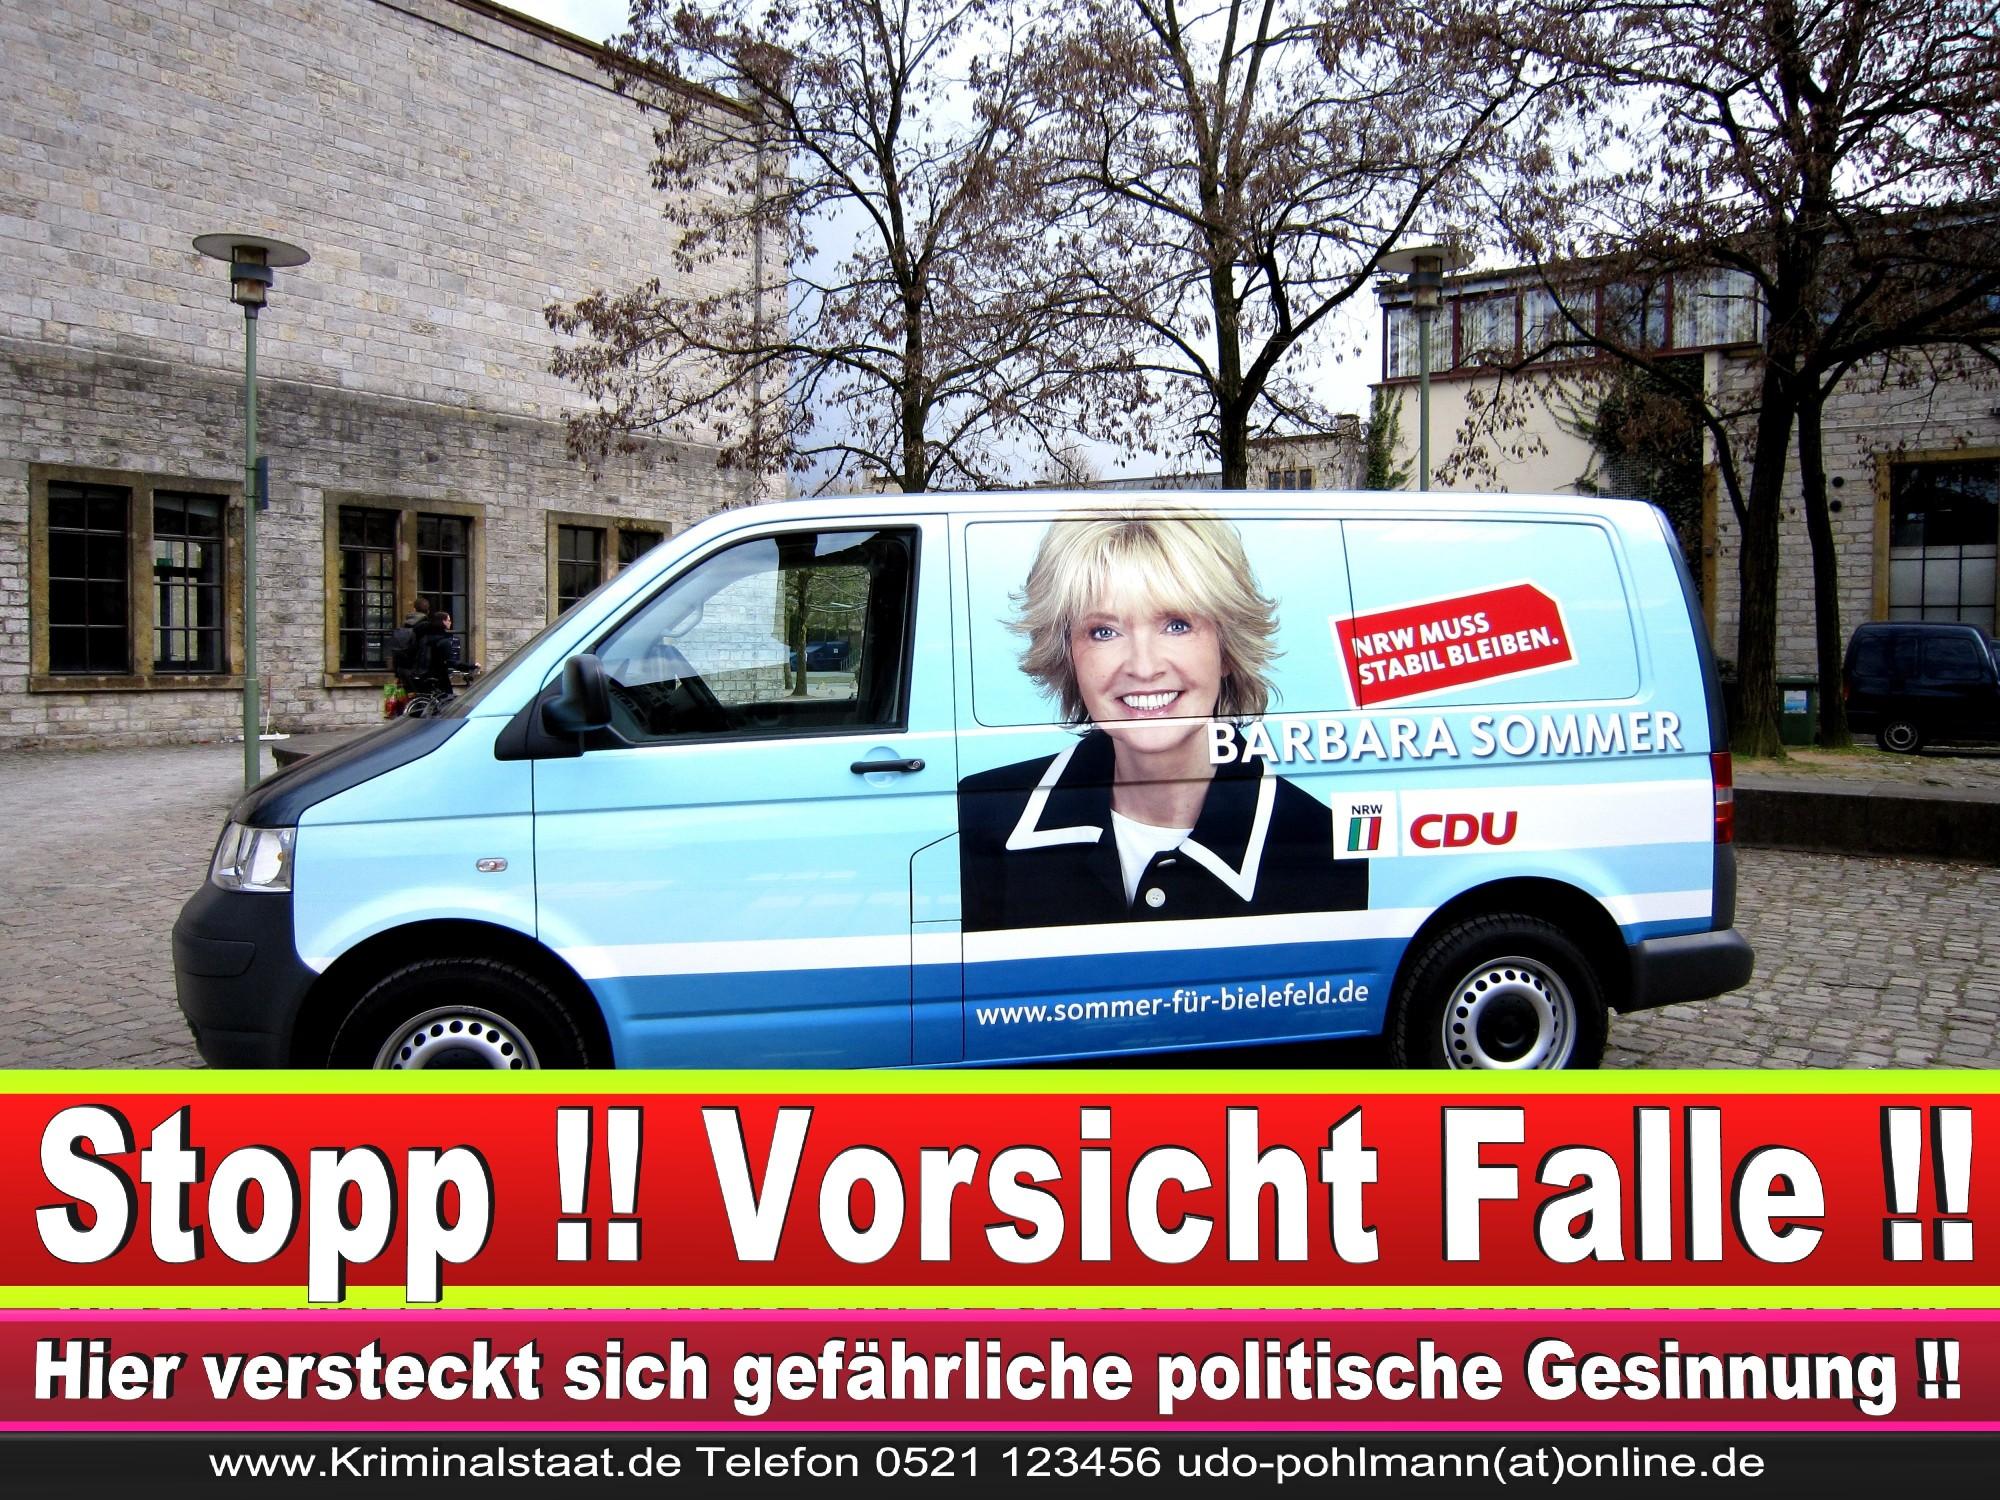 Wahlwerbung Wahlplakate Landtagswahl 2019 Europawahl CDU SPD FDP 2021 (18)